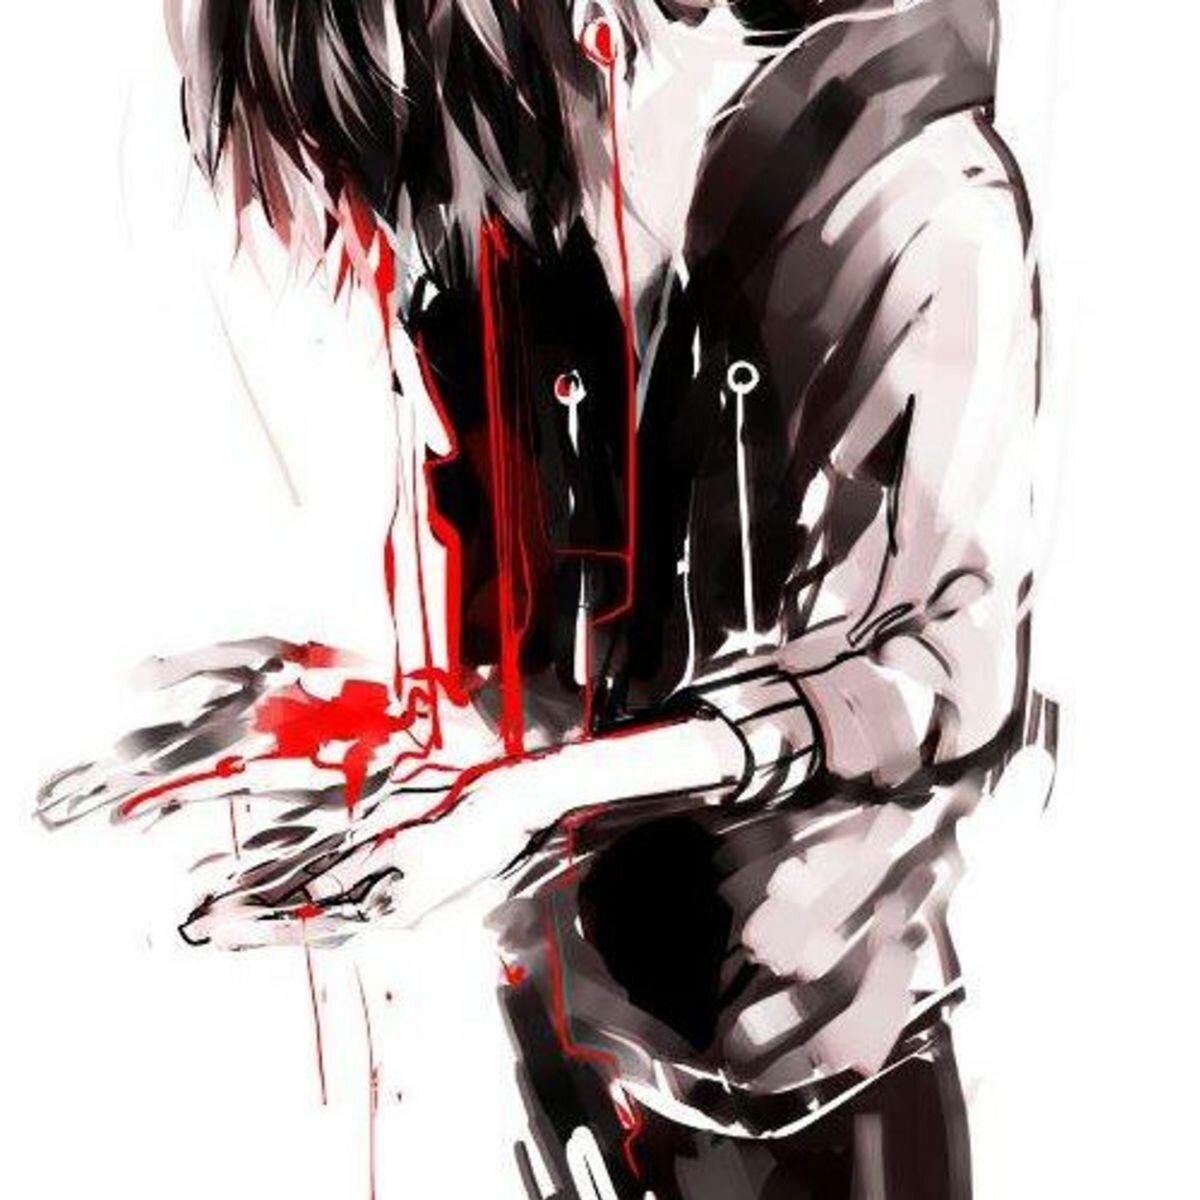 Картинки с ножом в сердце у парня